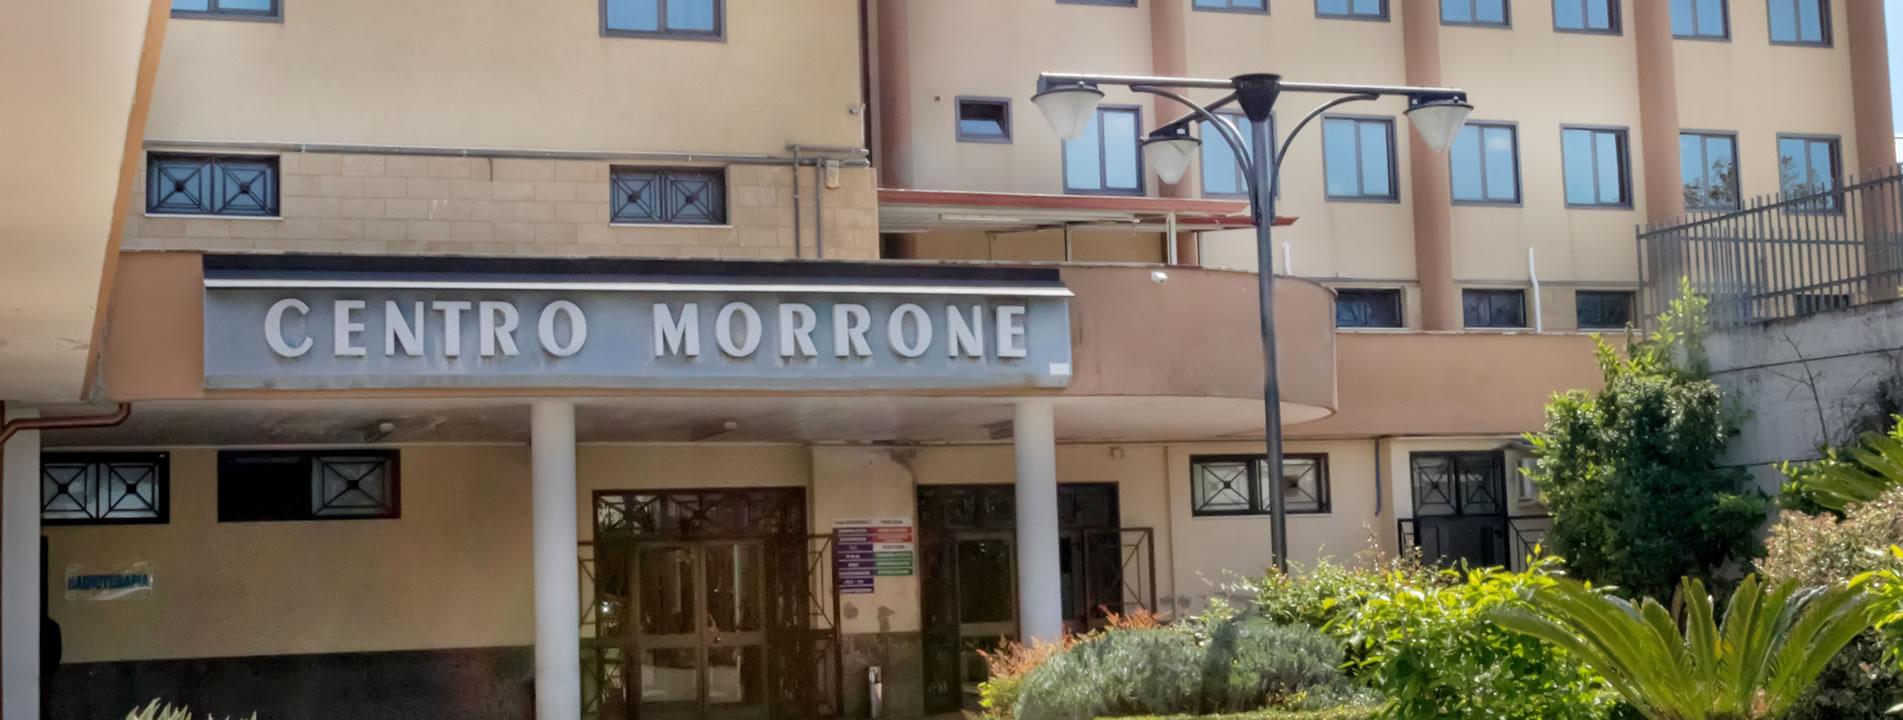 Centro Morrone - Caserta